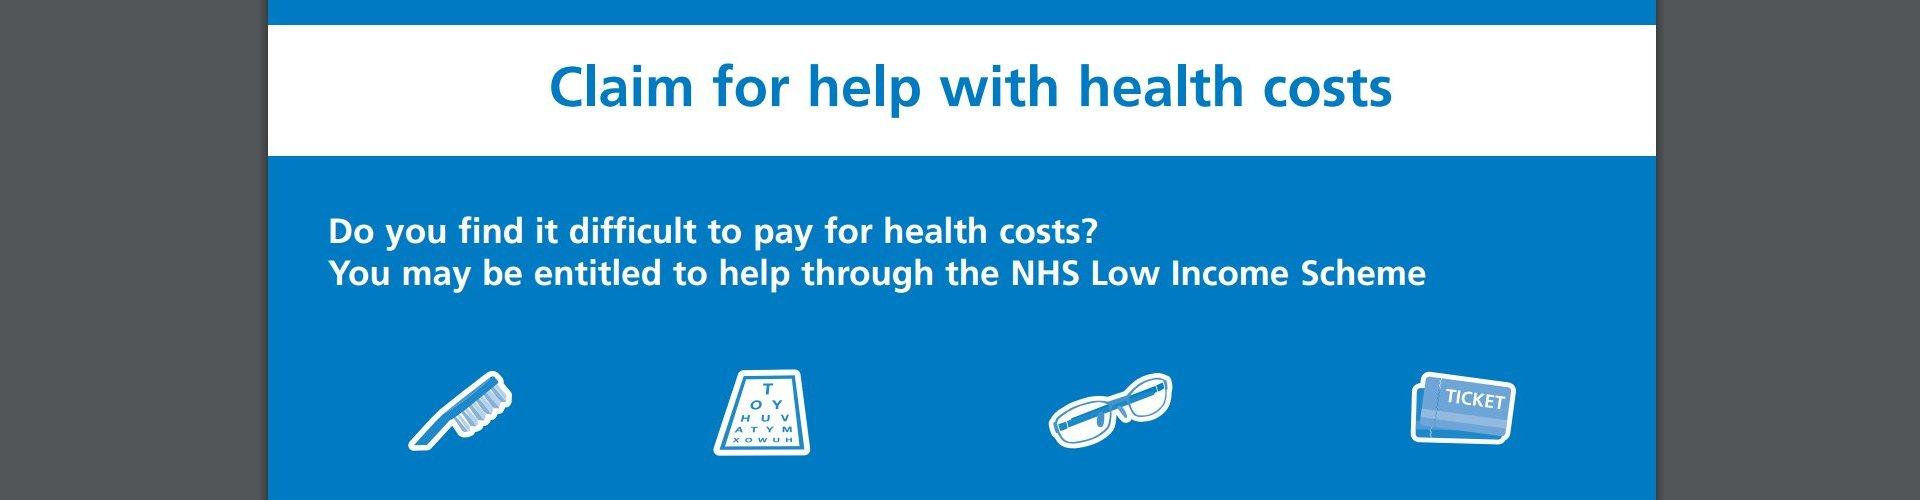 prescription charges - university health service